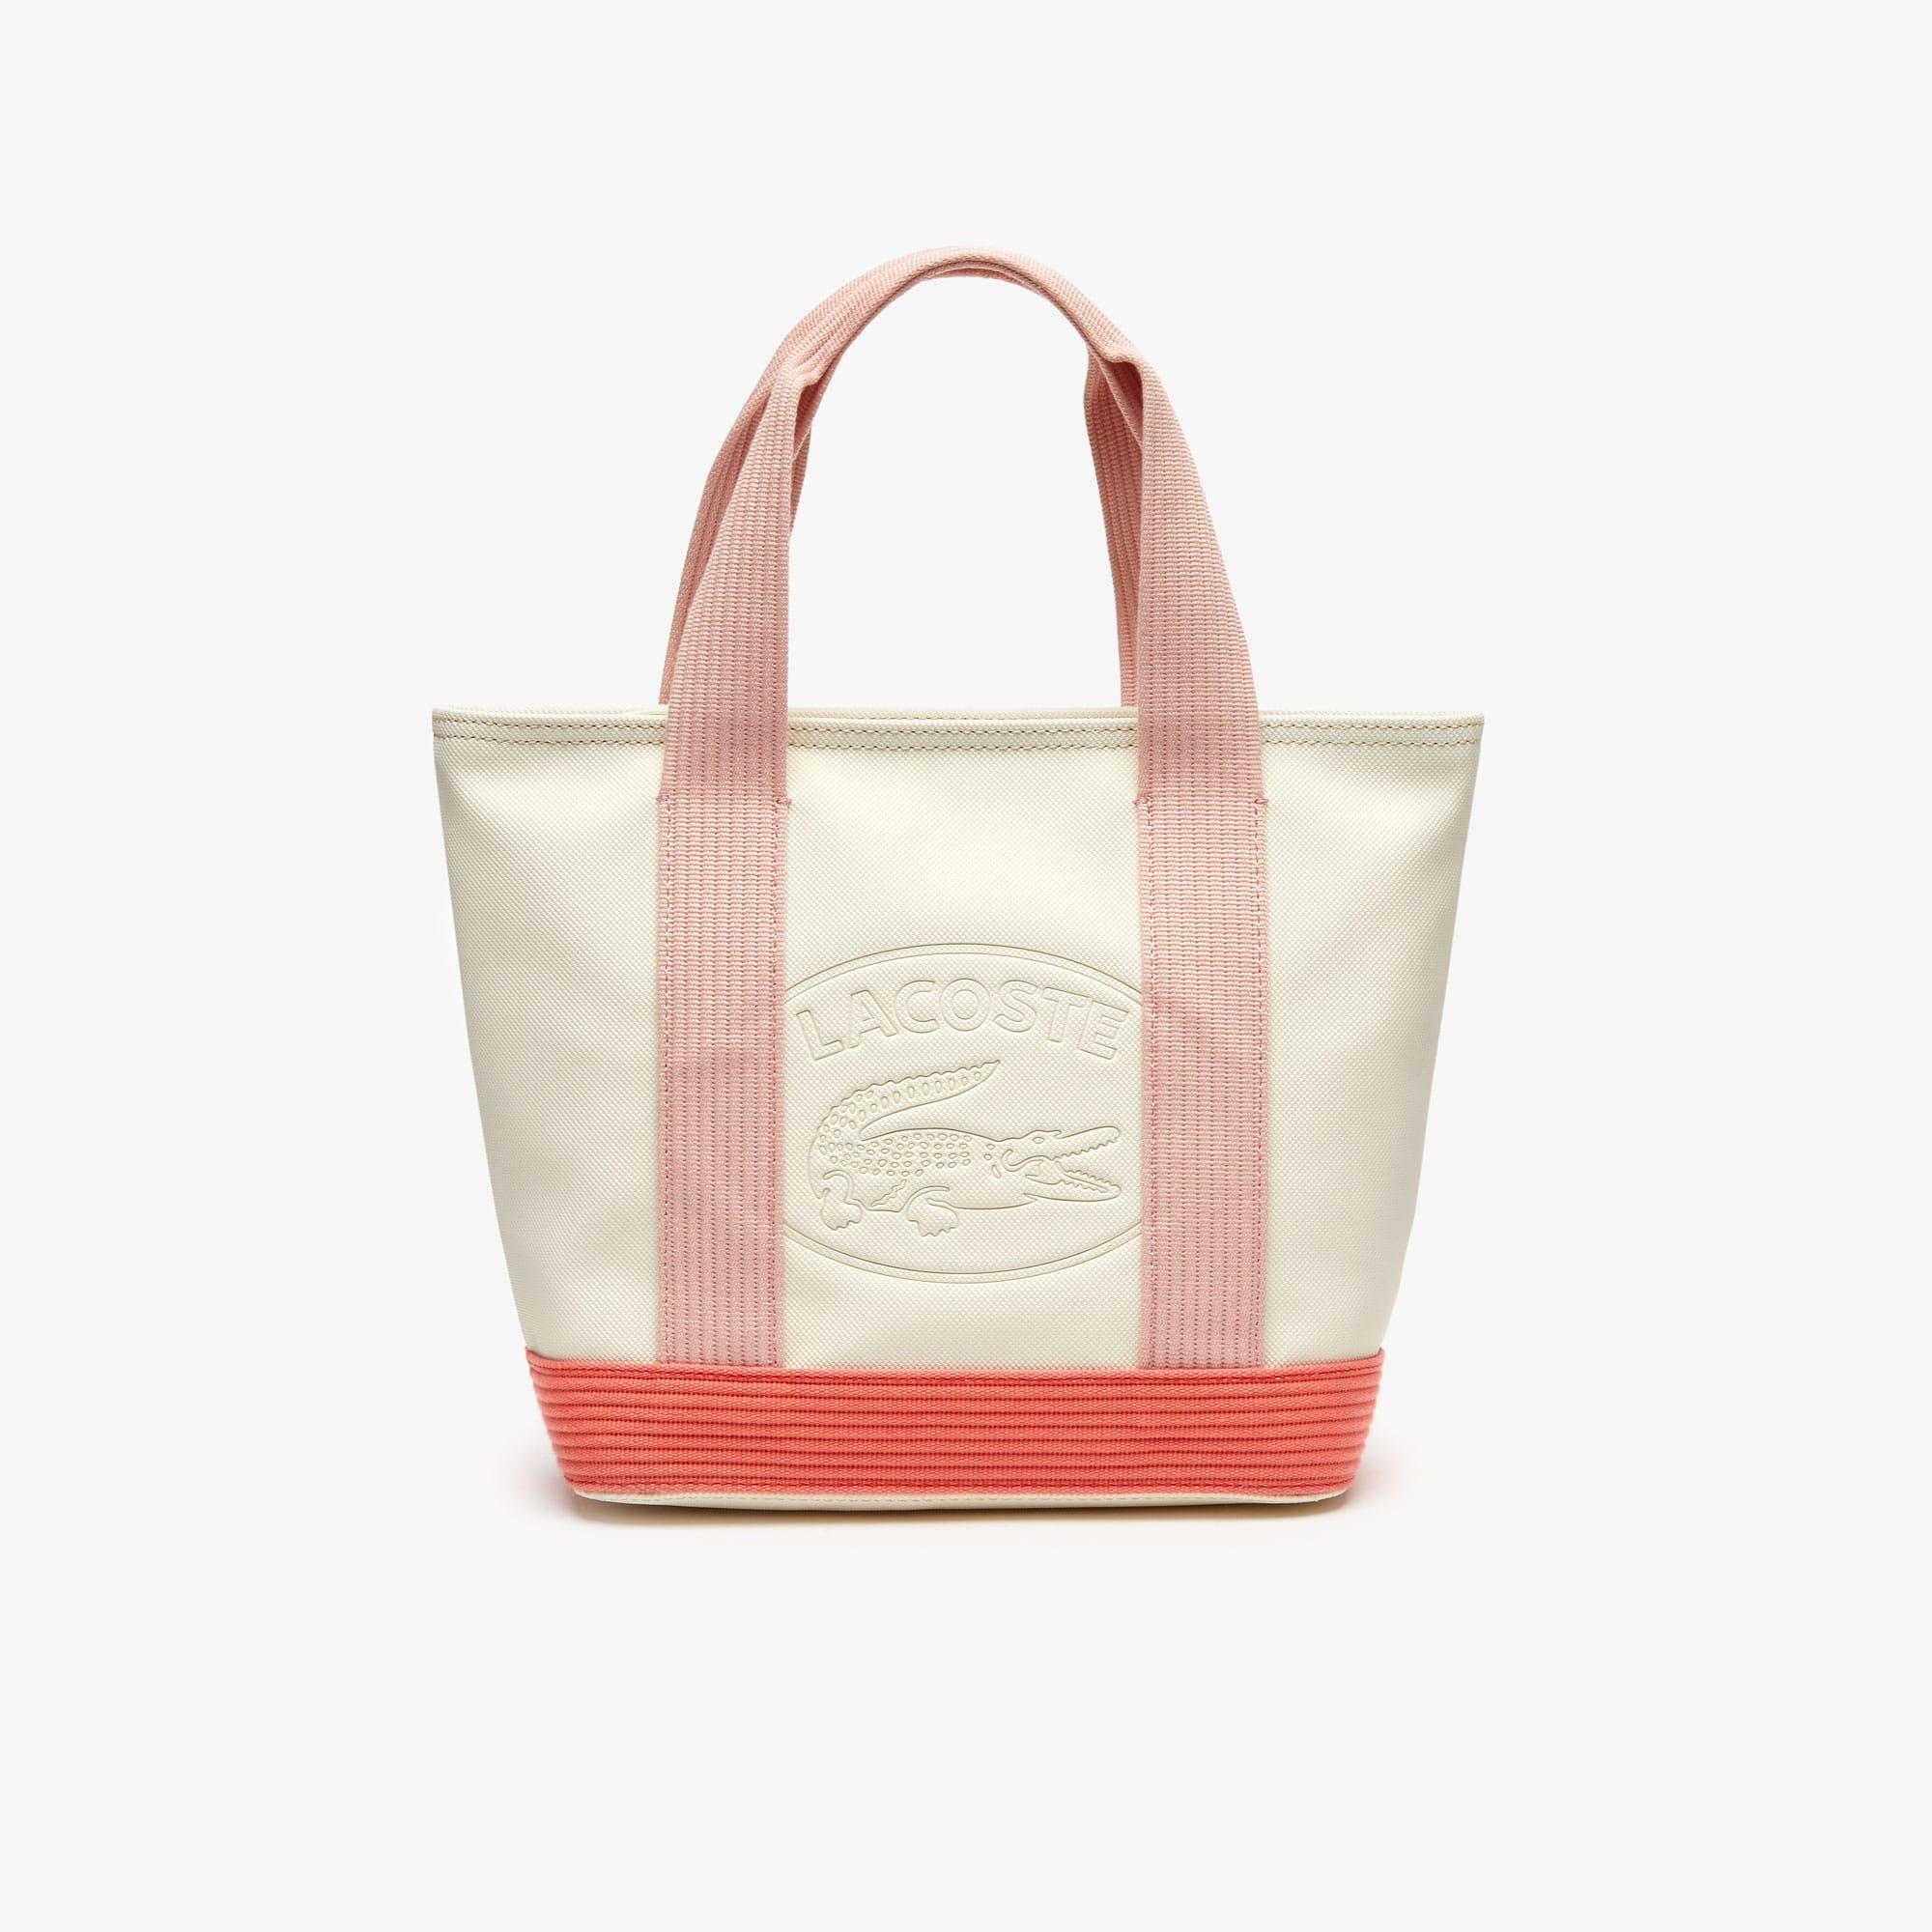 38f0135aa Colección de bolsos y bolsos de mano | Marroquinería para mujer ...